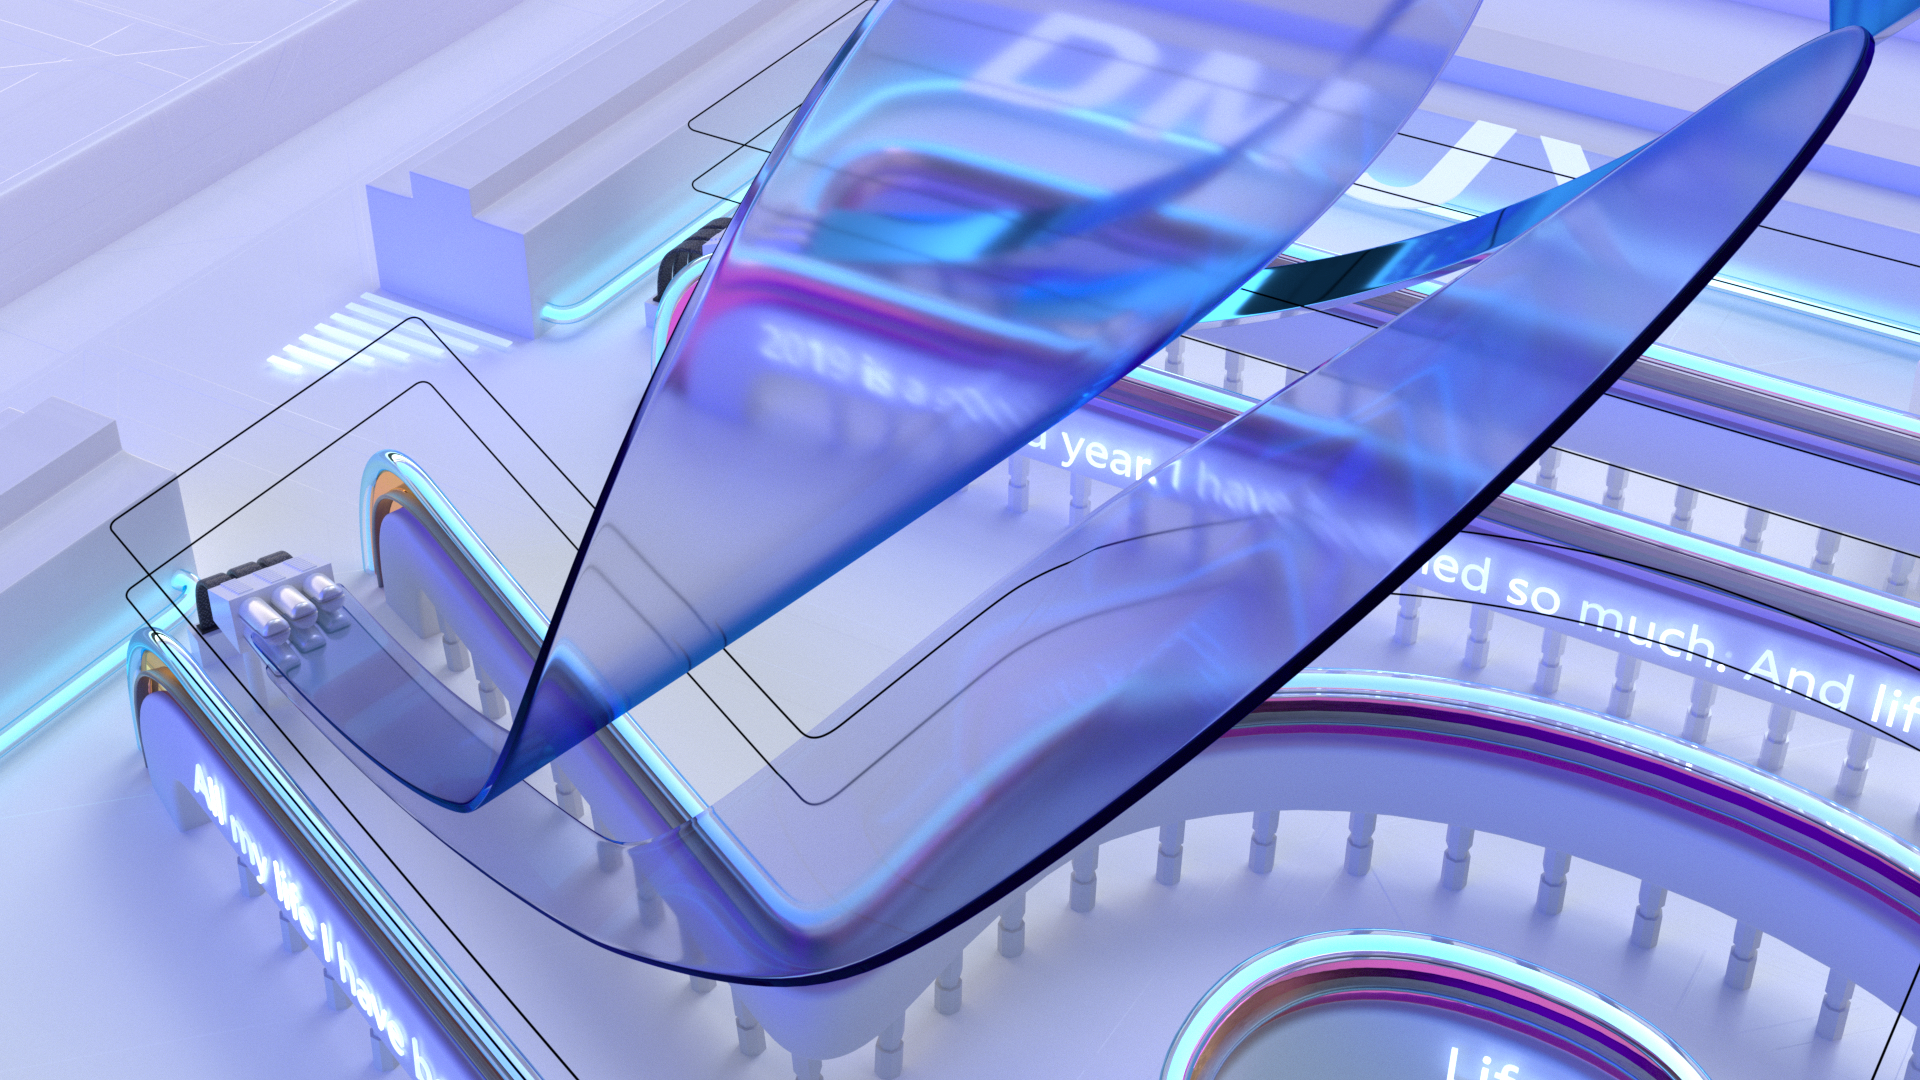 Tech landscape - Wave distortion